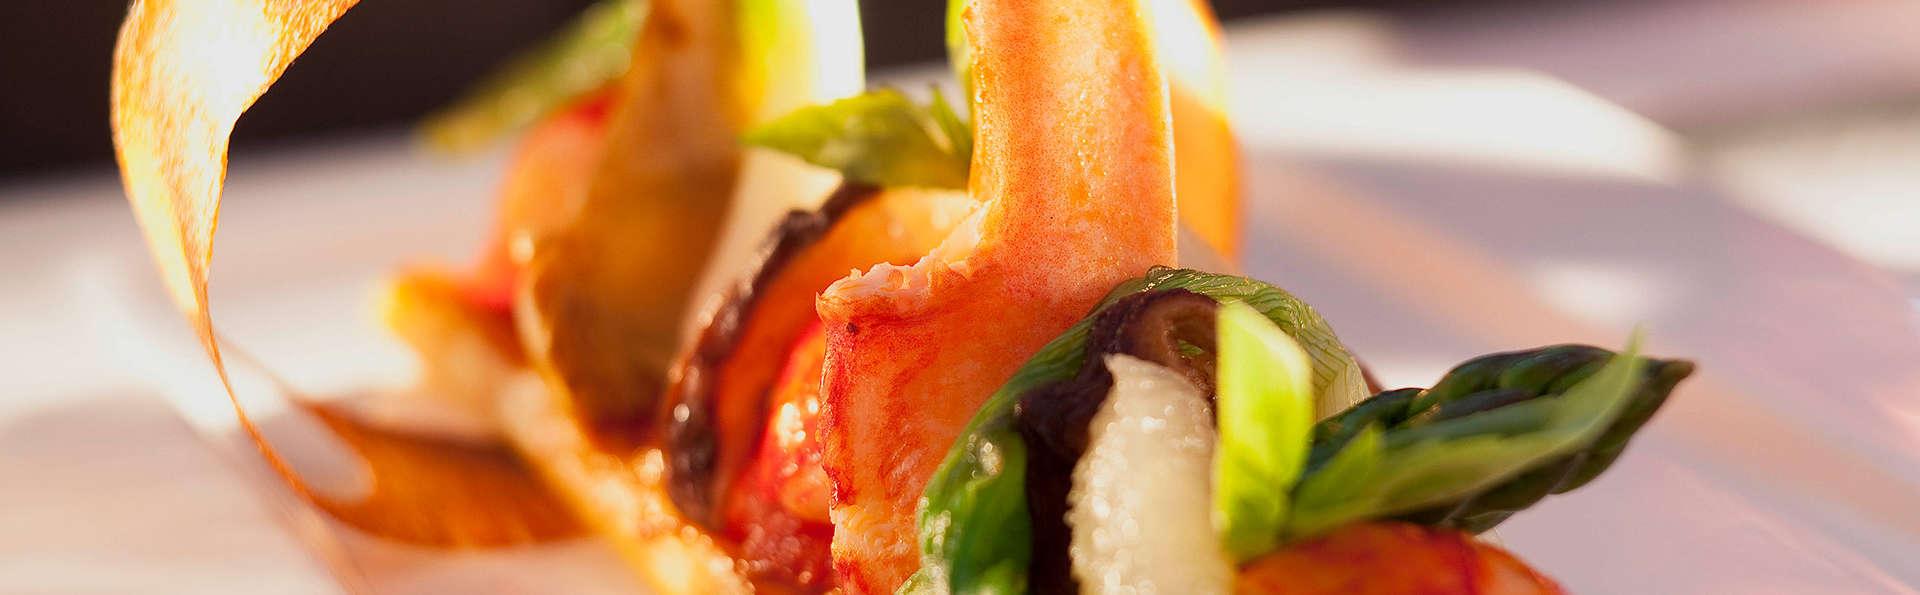 Séjour gourmand et bien-être avec soin et dîner bistronomique en Provence (à partir de 2 nuits)